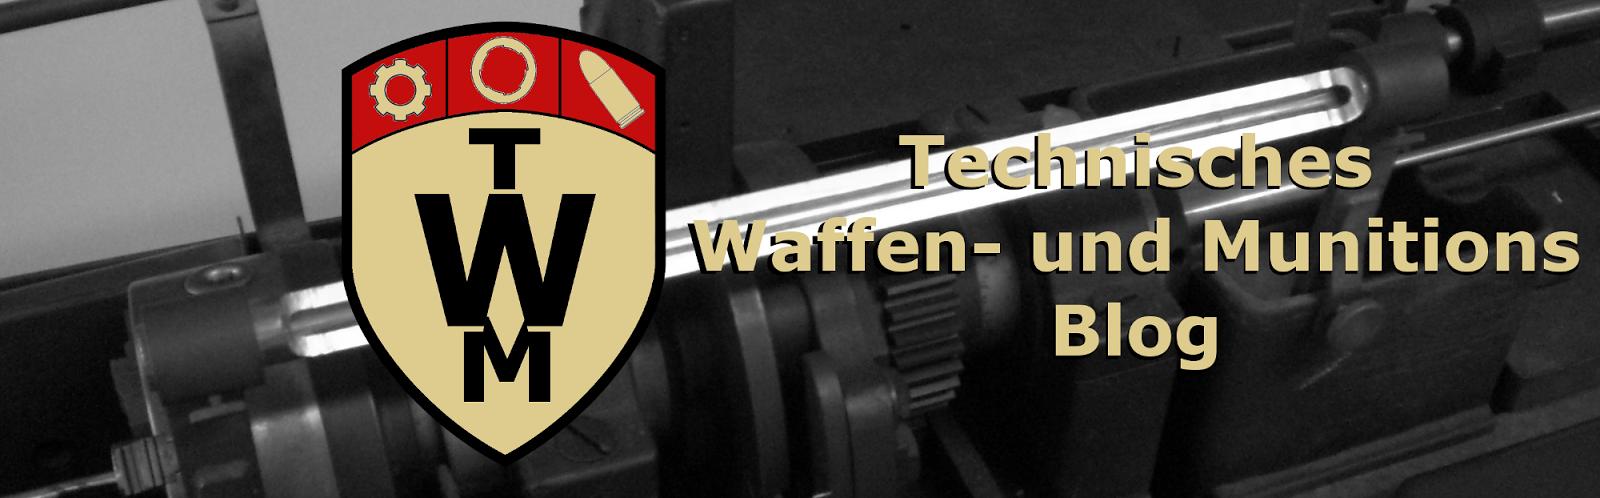 Technisches Waffen- und Munitions Blog